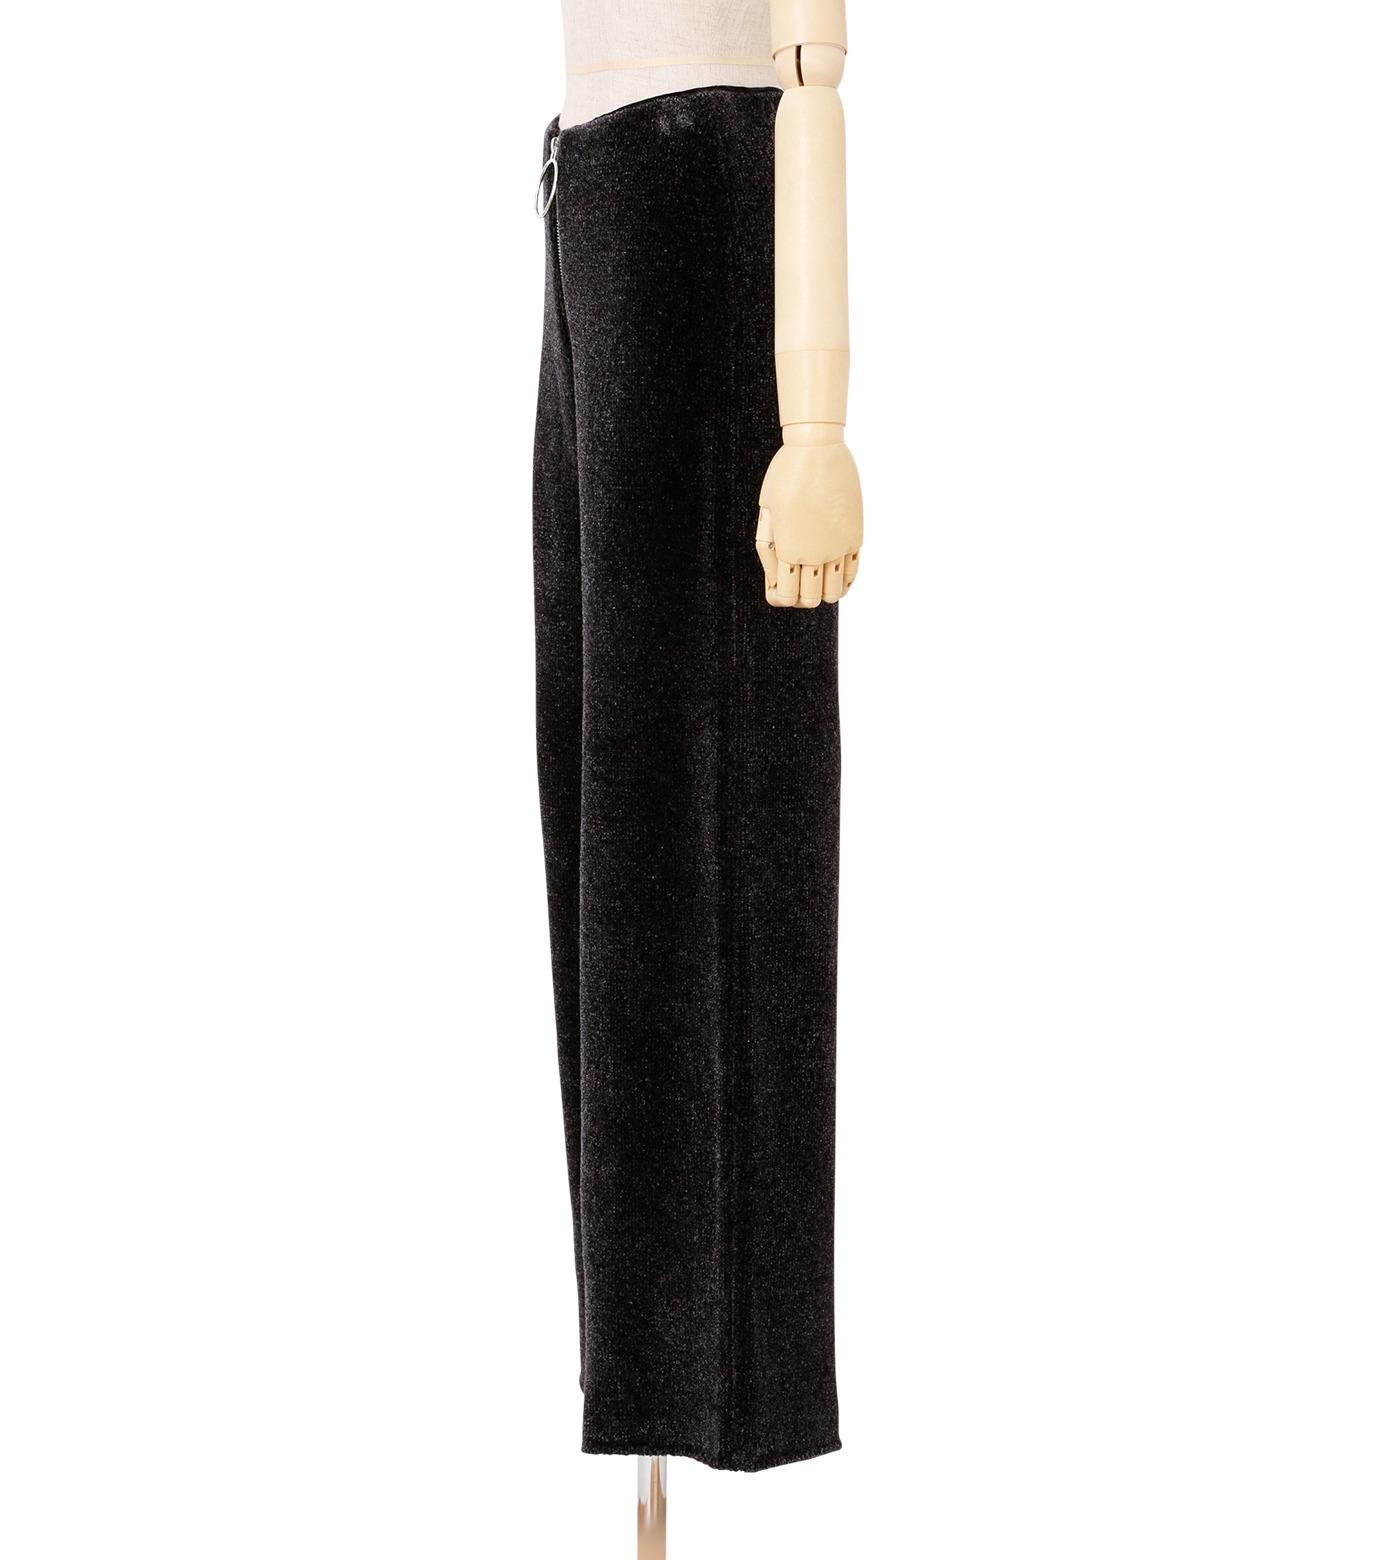 IRENE(アイレネ)のシルクワイドパンツ-CHARCHOL GRAY(パンツ/pants)-18A88004 拡大詳細画像2